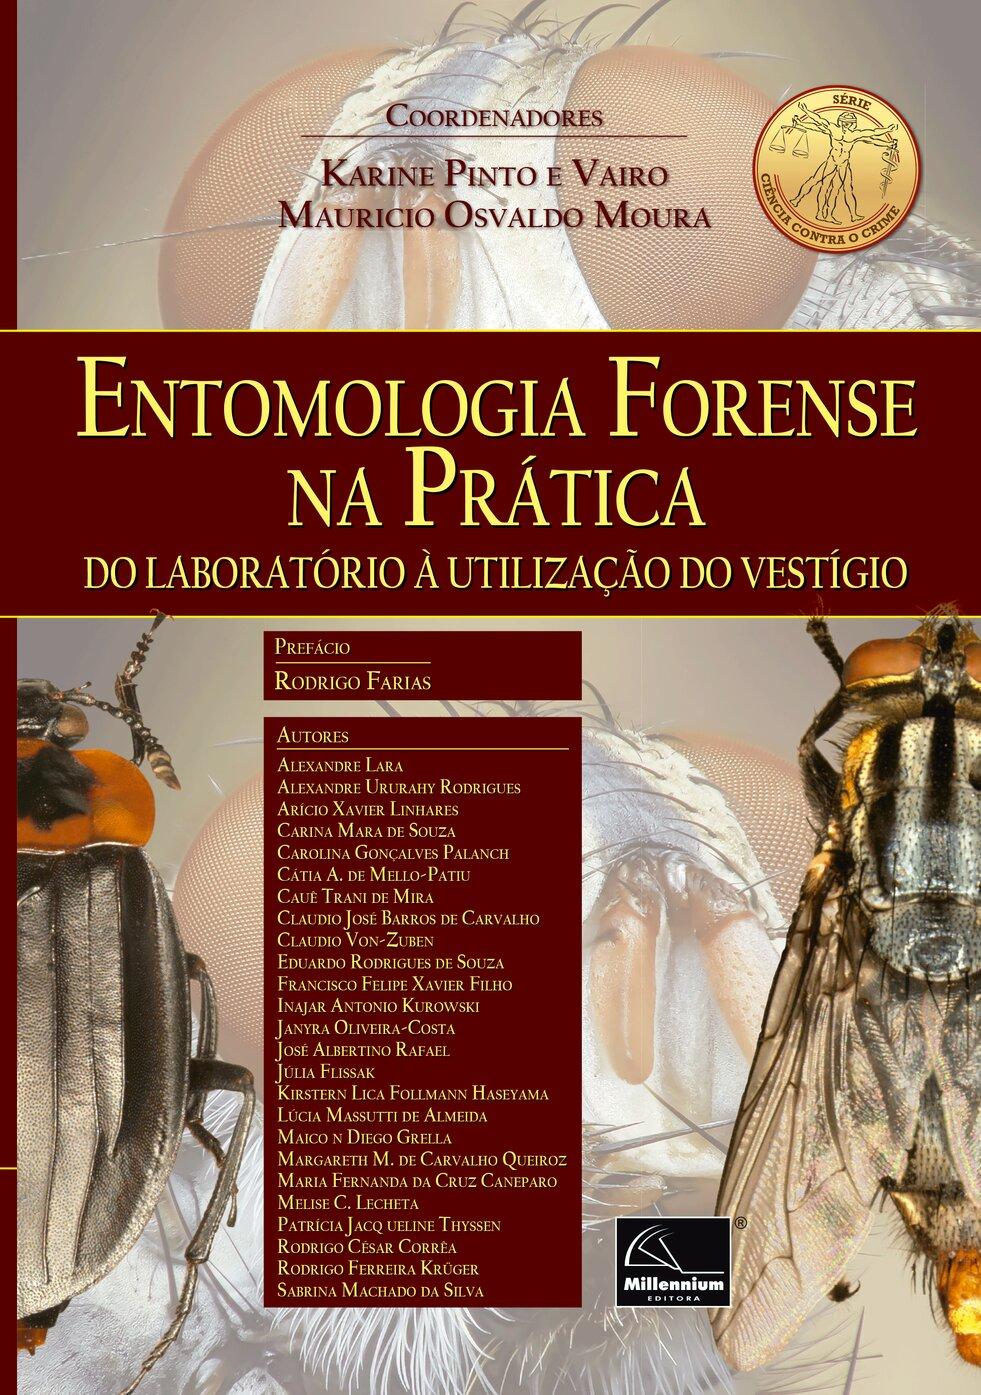 Entomologia Forense na Prática  Do laboratório à utilização do vestígio  - Millennium Editora - Livros de Perícia